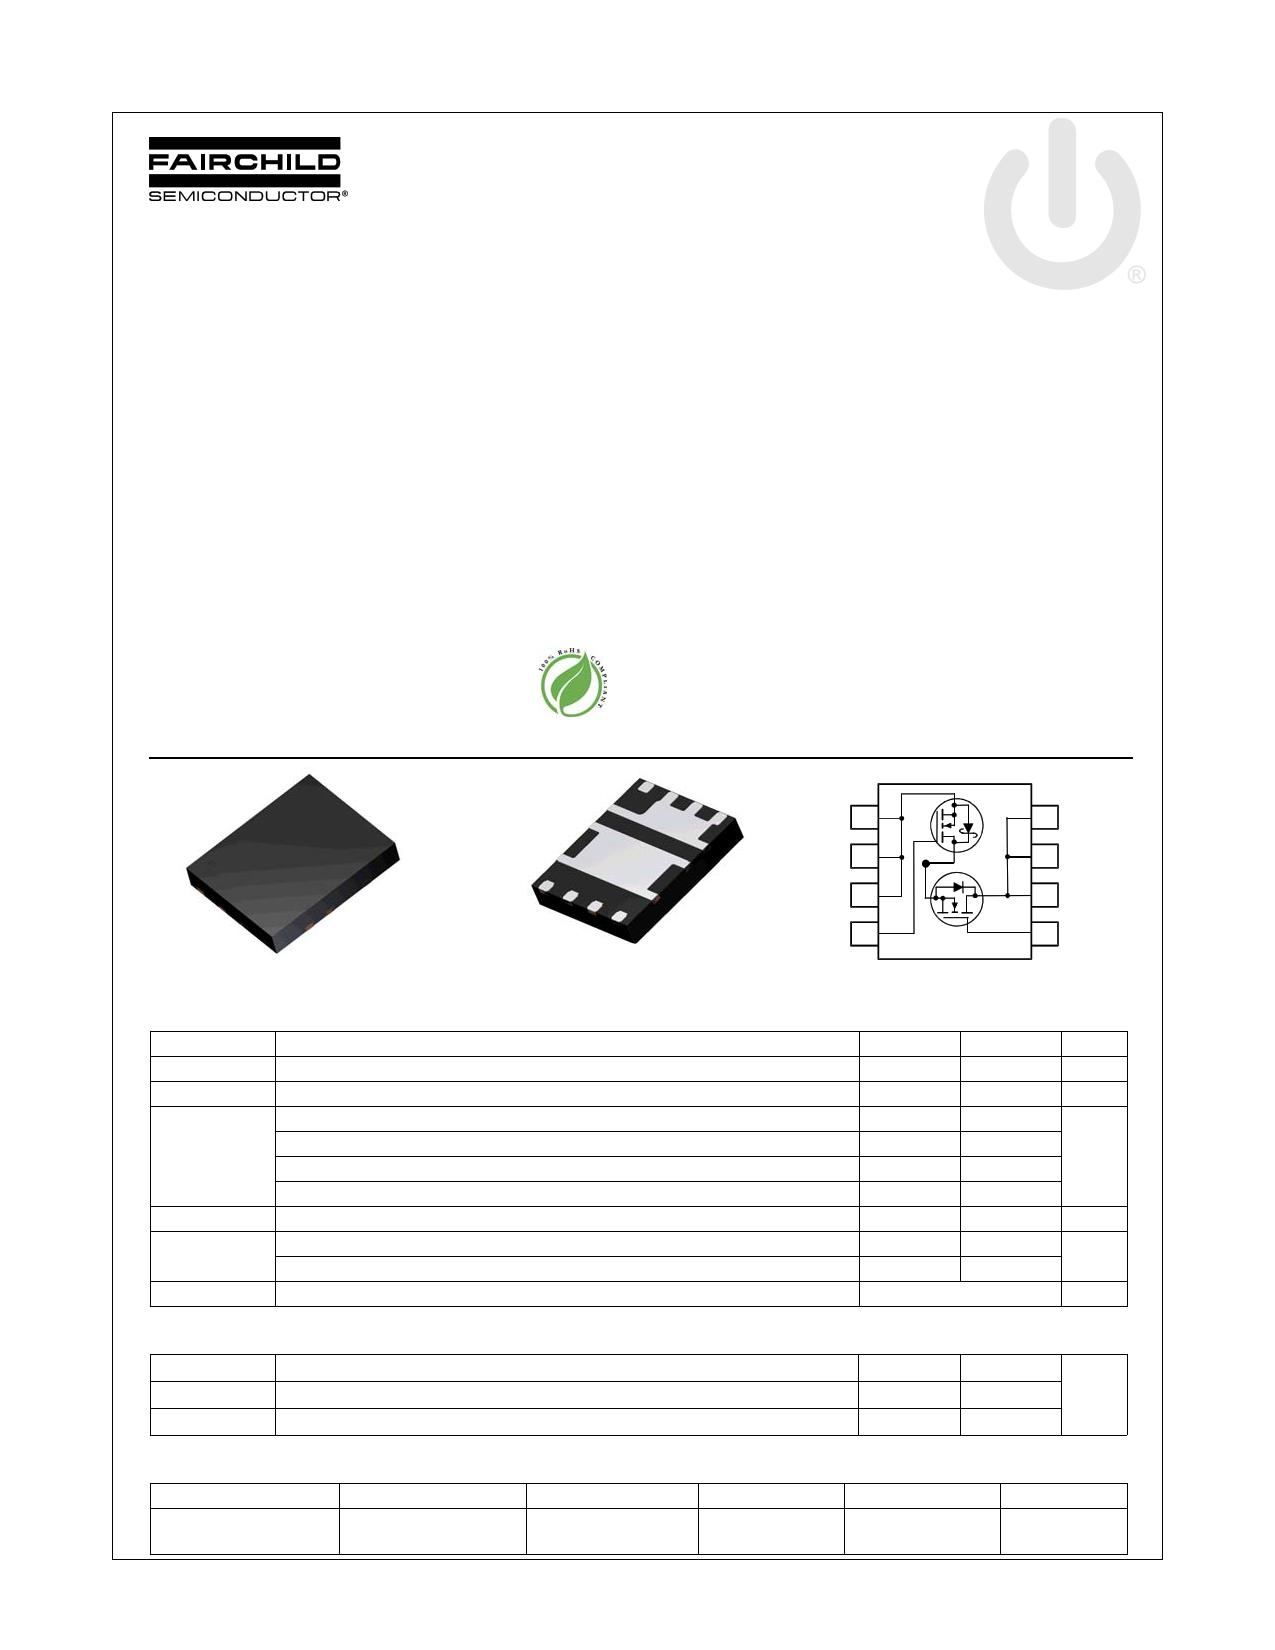 FDMS3604AS 데이터시트 및 FDMS3604AS PDF